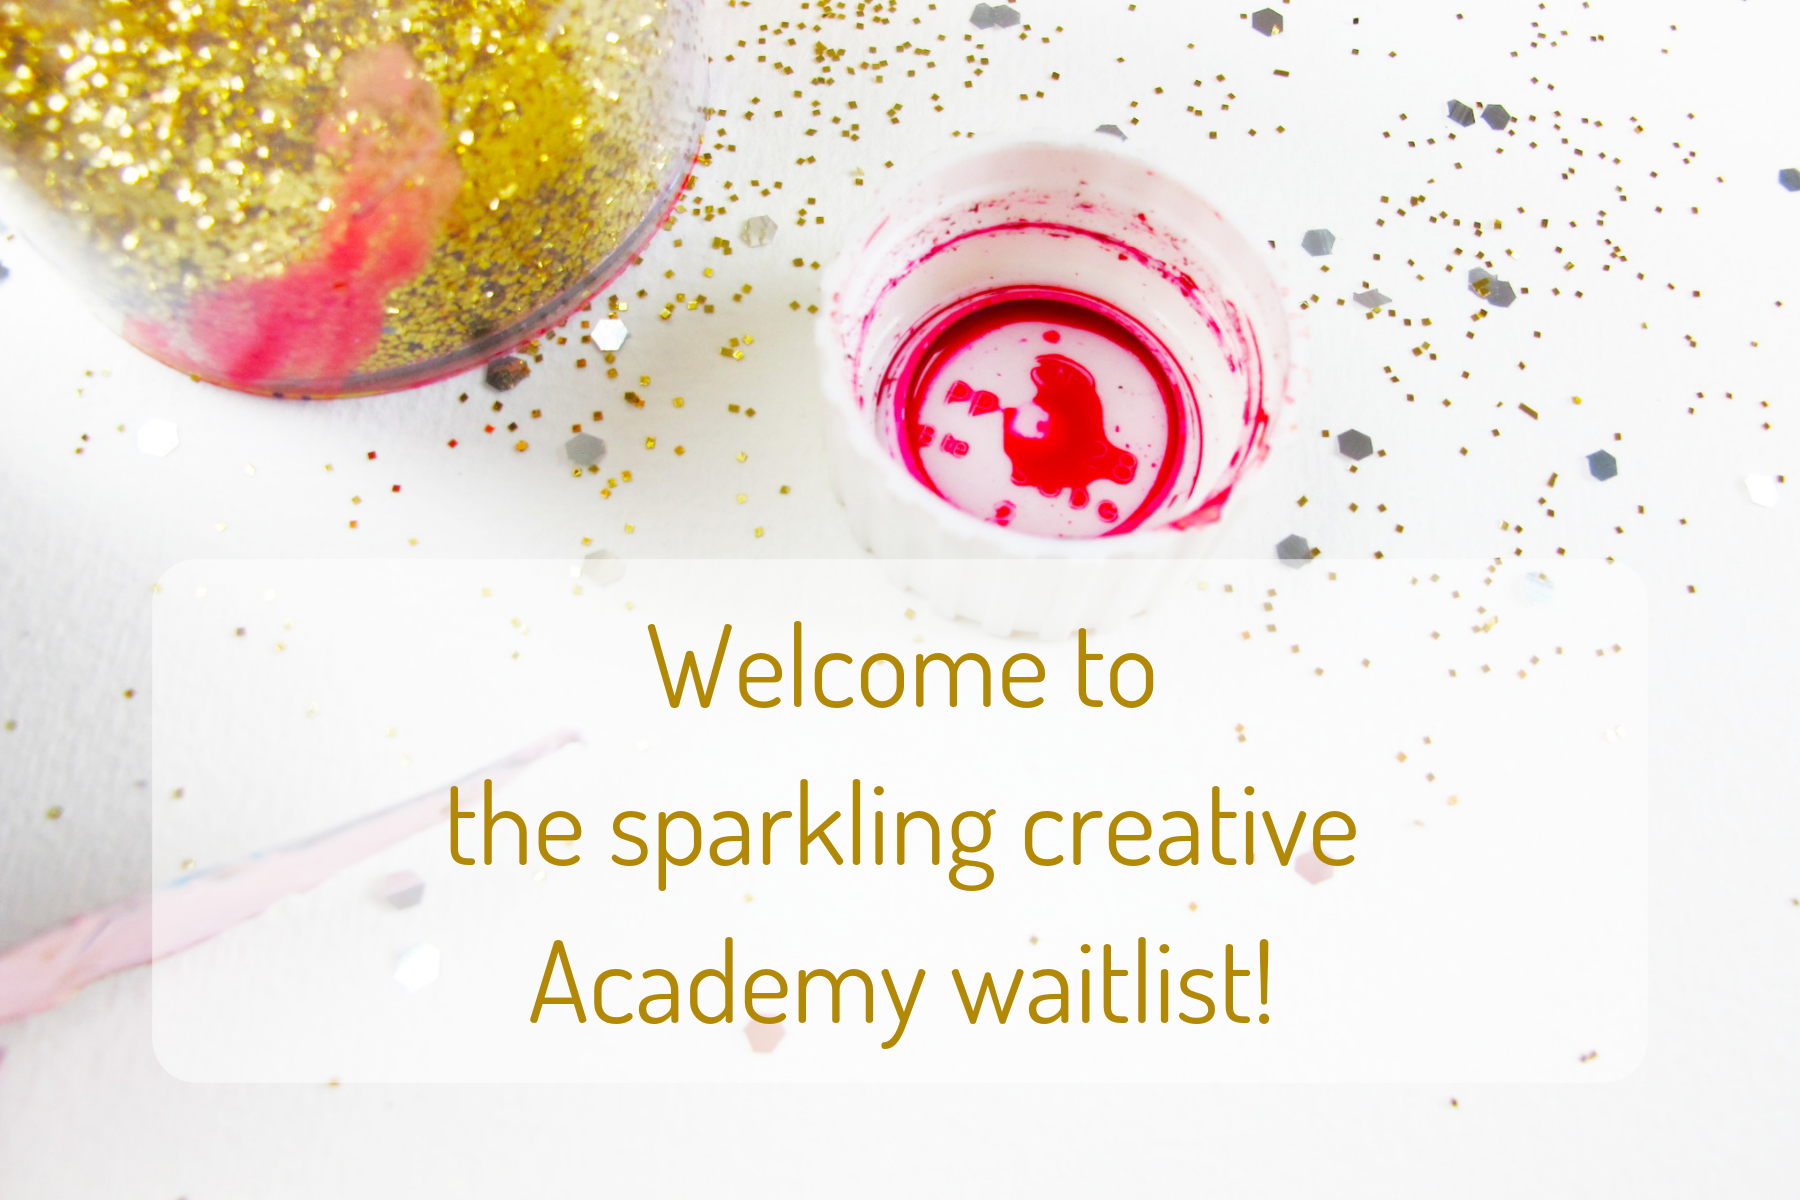 the sparkling creative Academy, www.kerstinpressler.com/academy